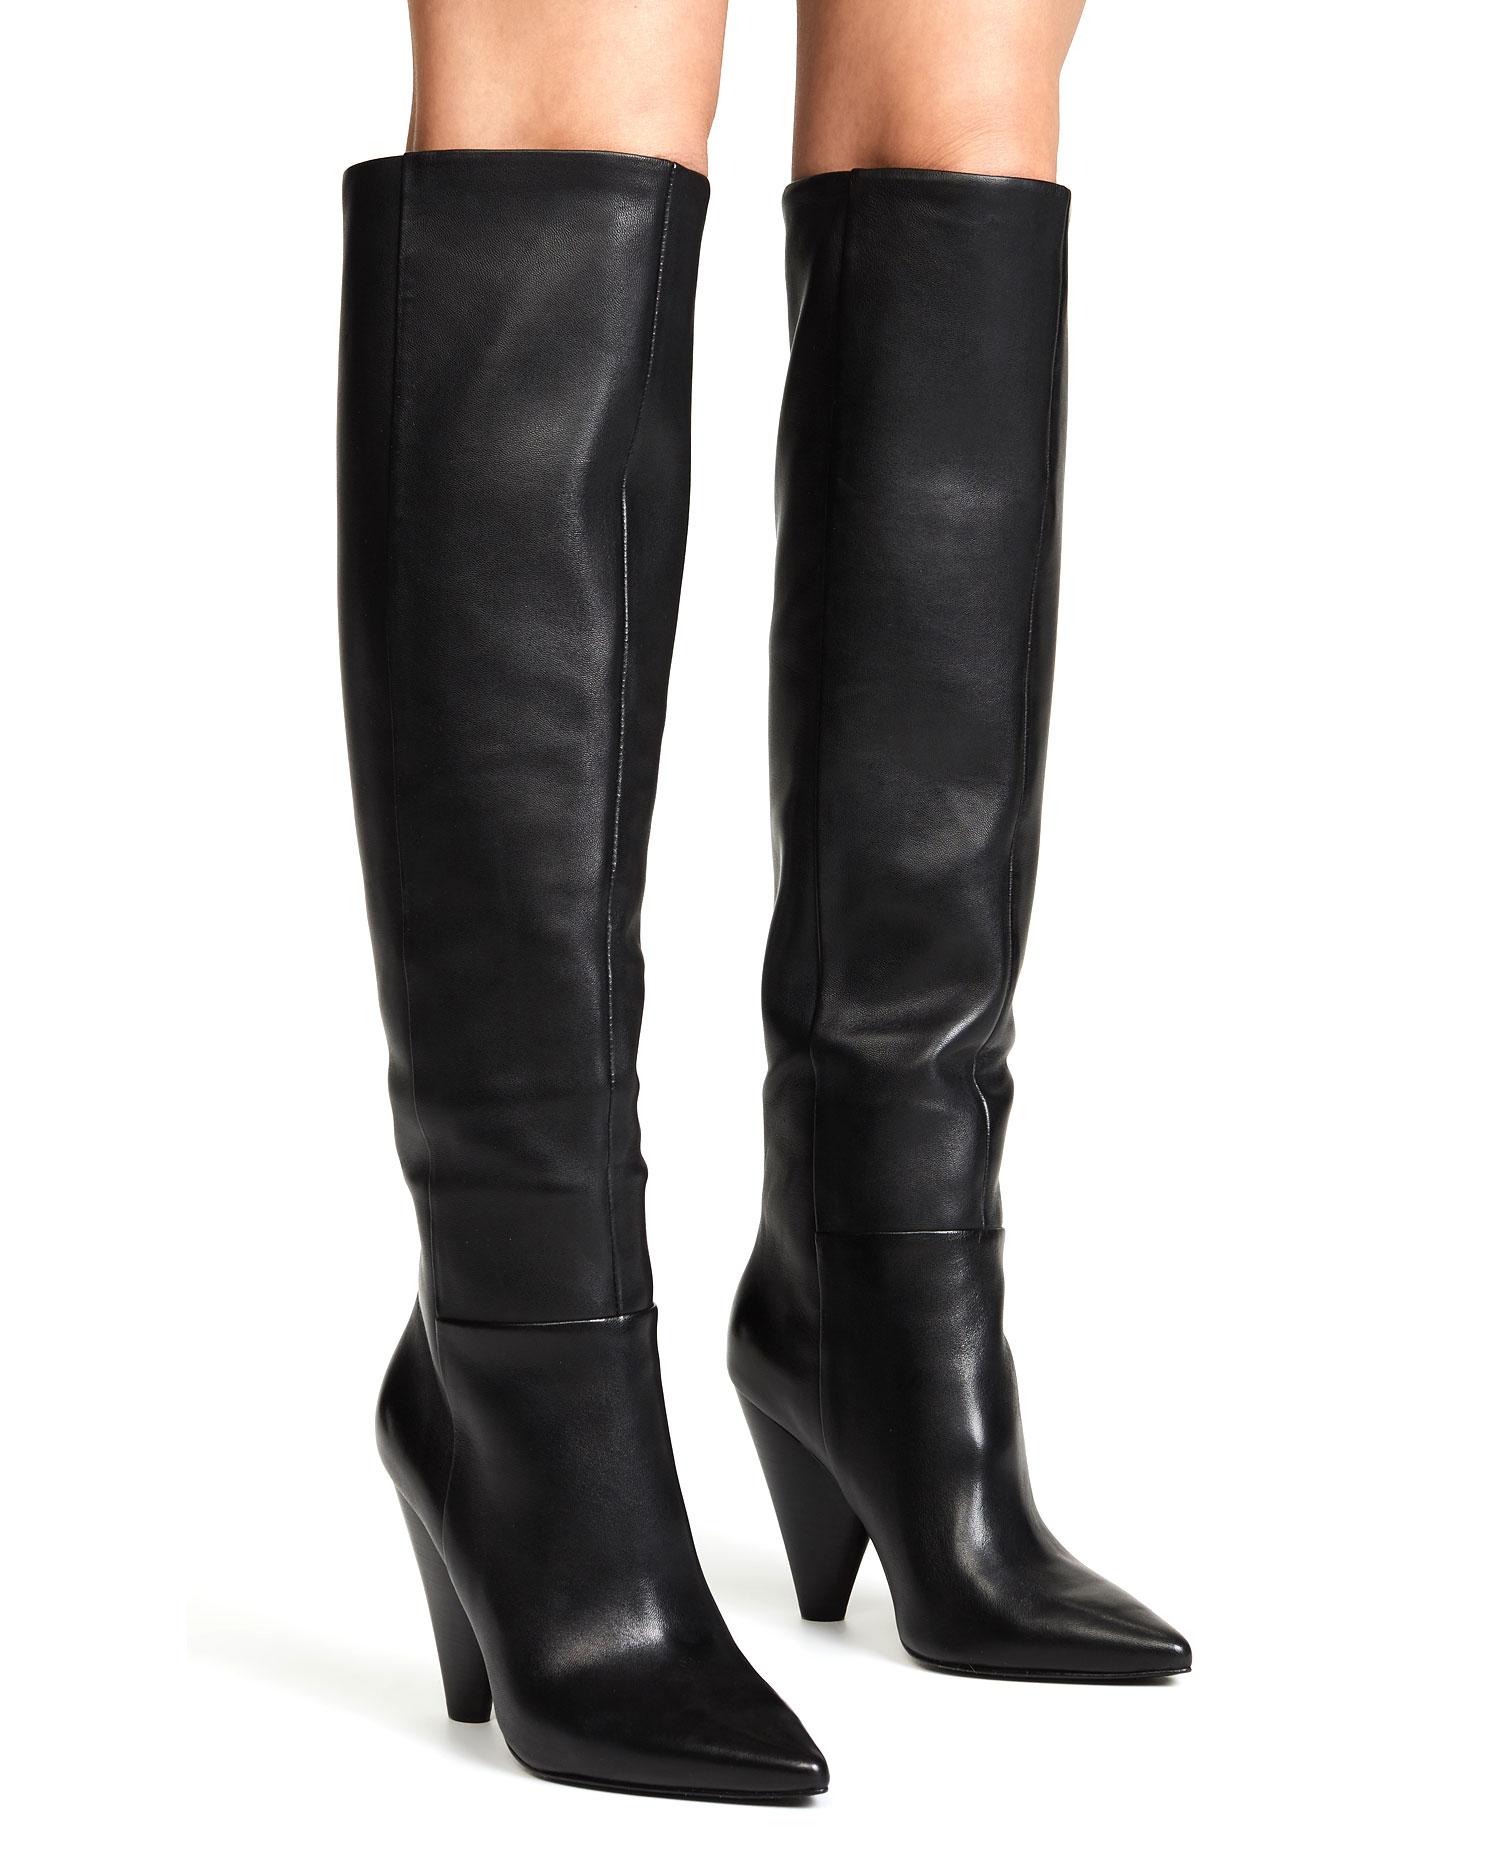 Ash Boots       $123